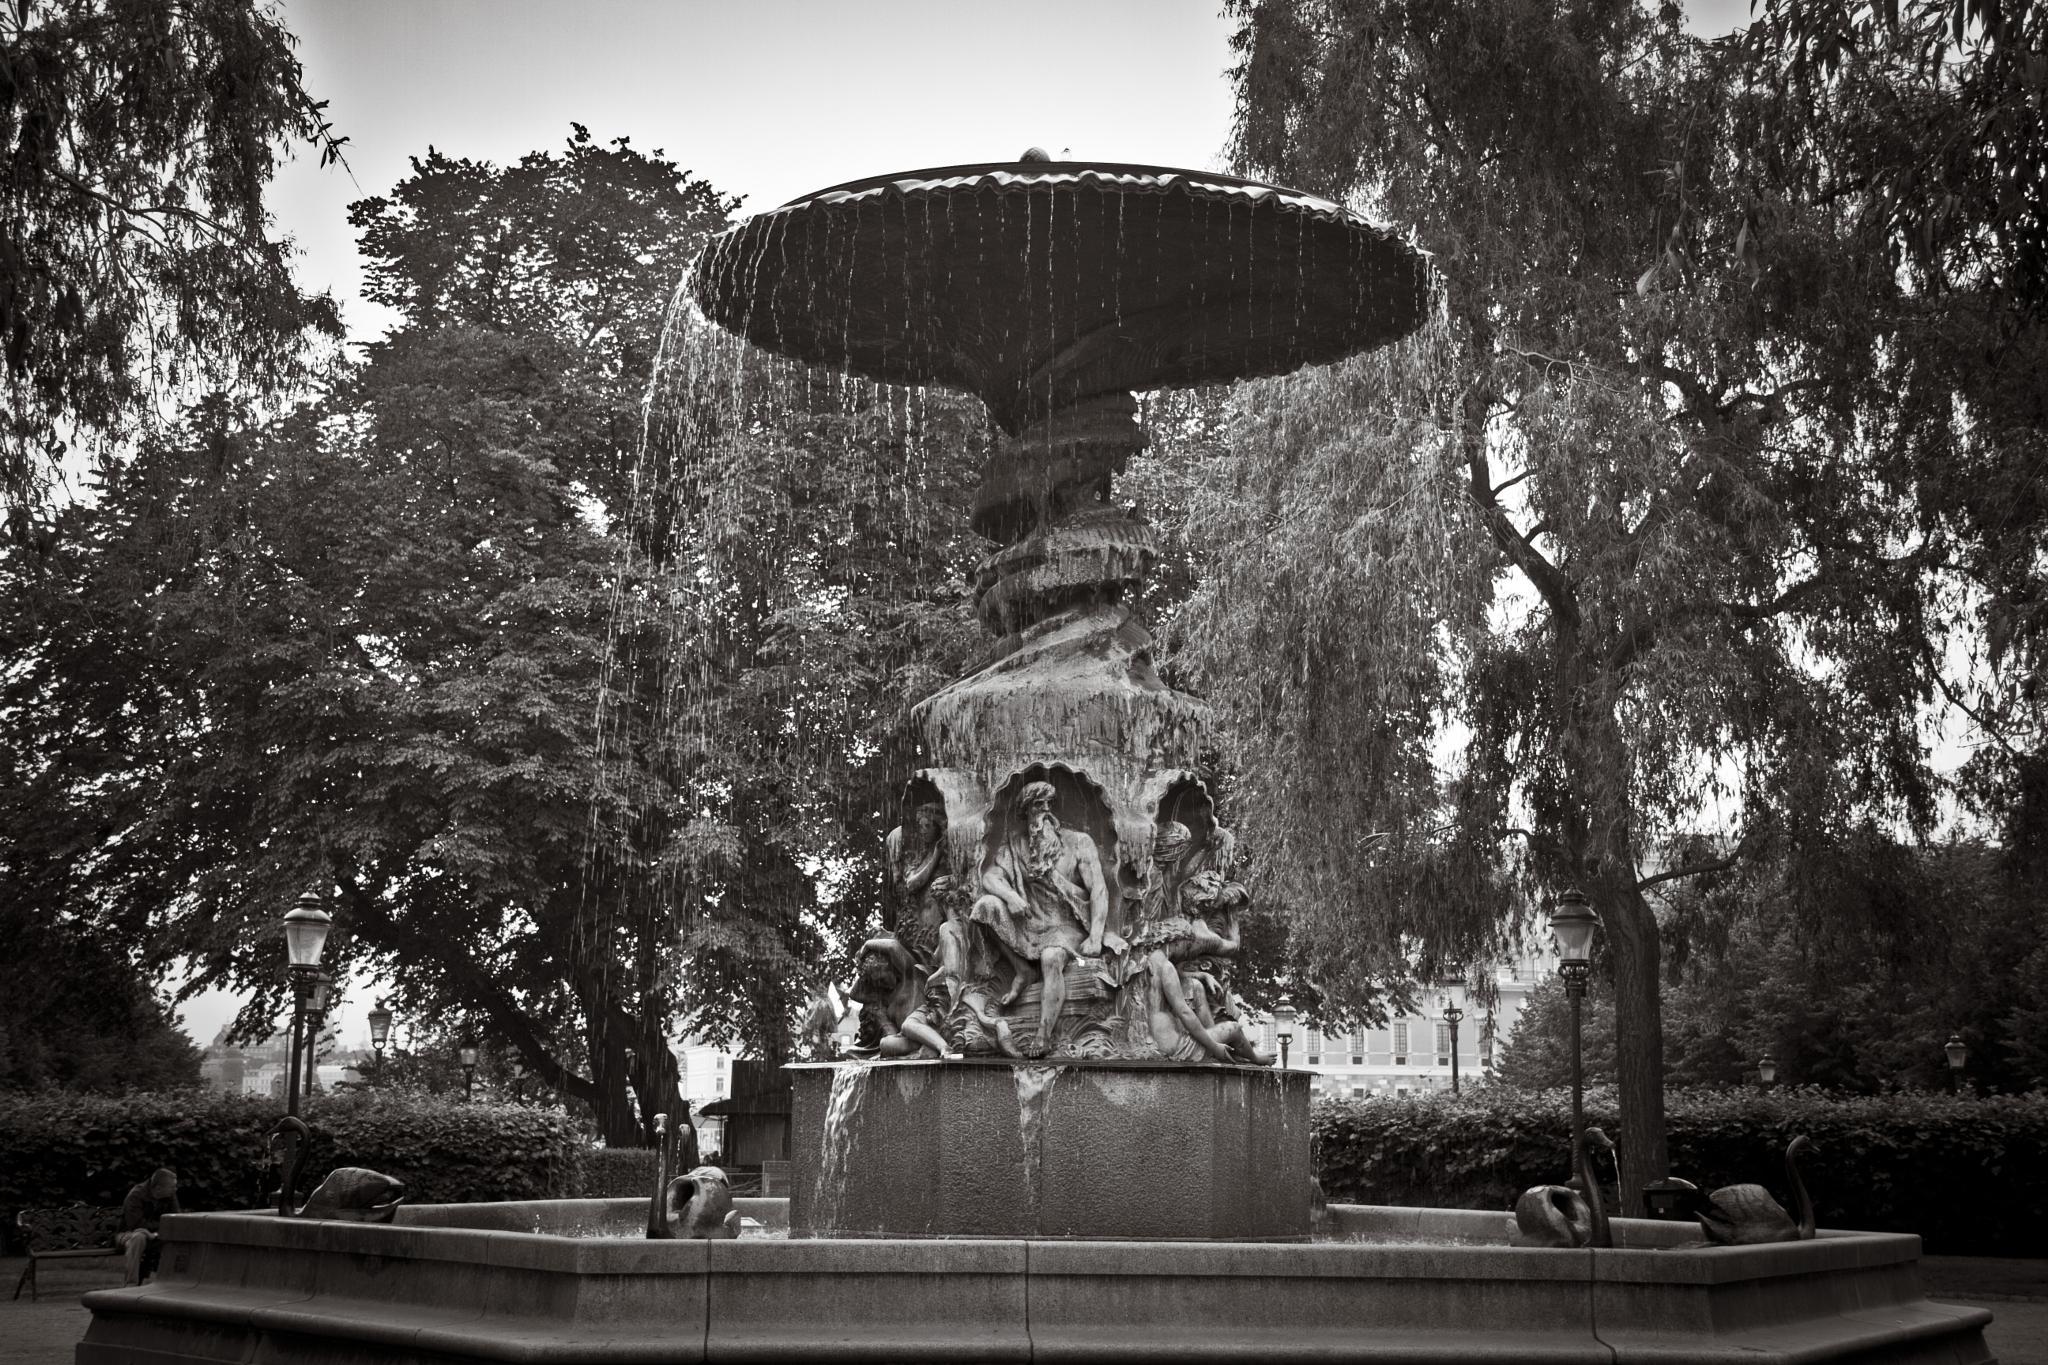 Fountain 2 by Adam Januszewski